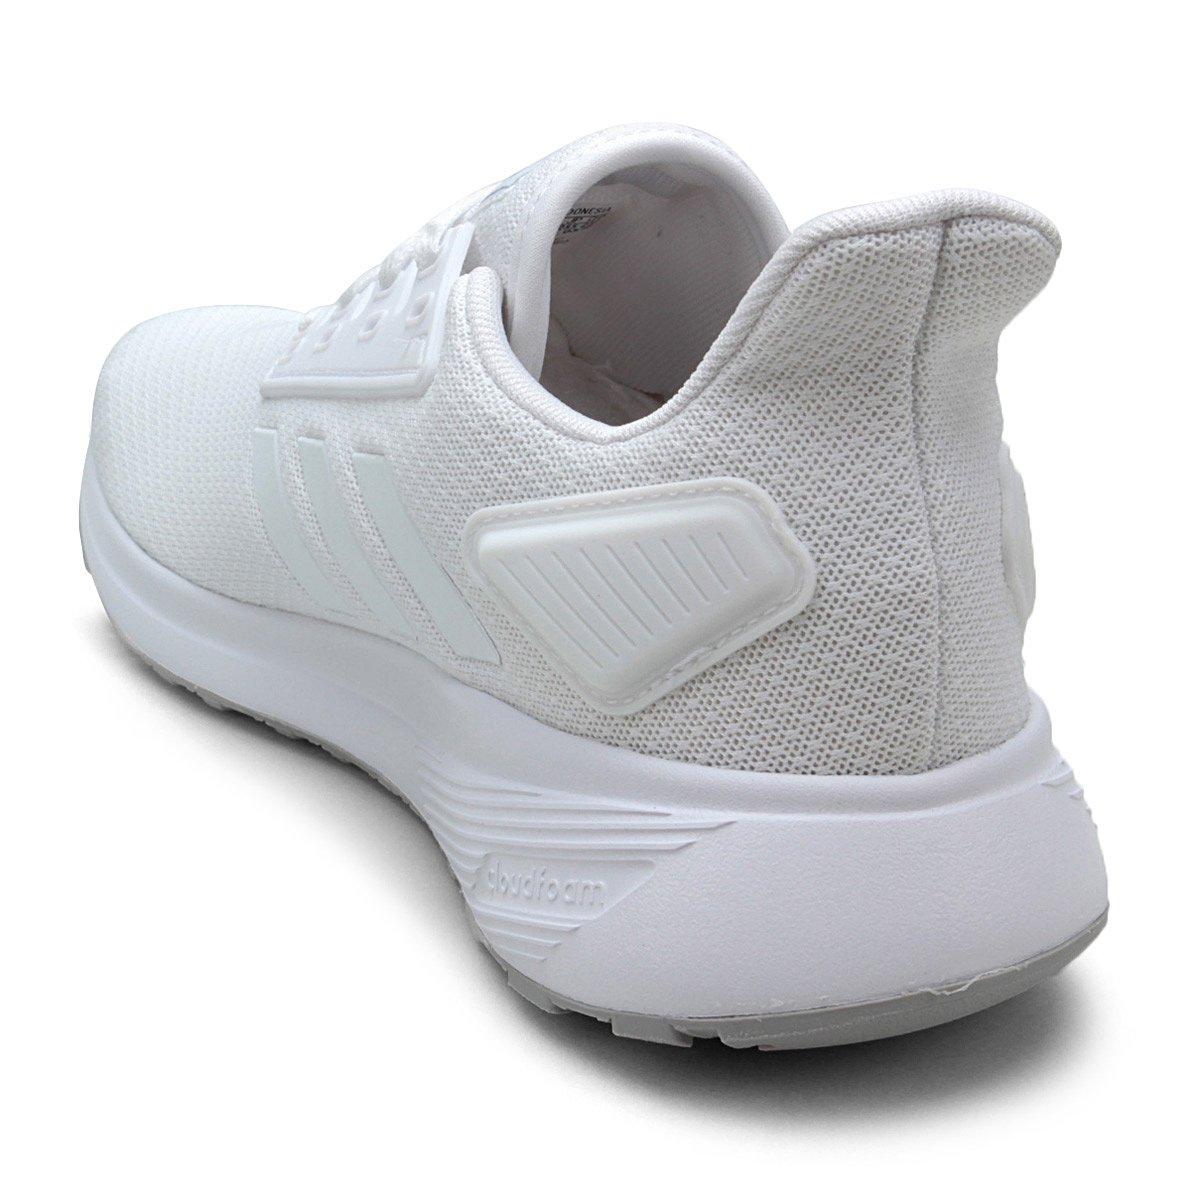 70c78f0de1d Tênis Adidas Duramo 9 Feminino